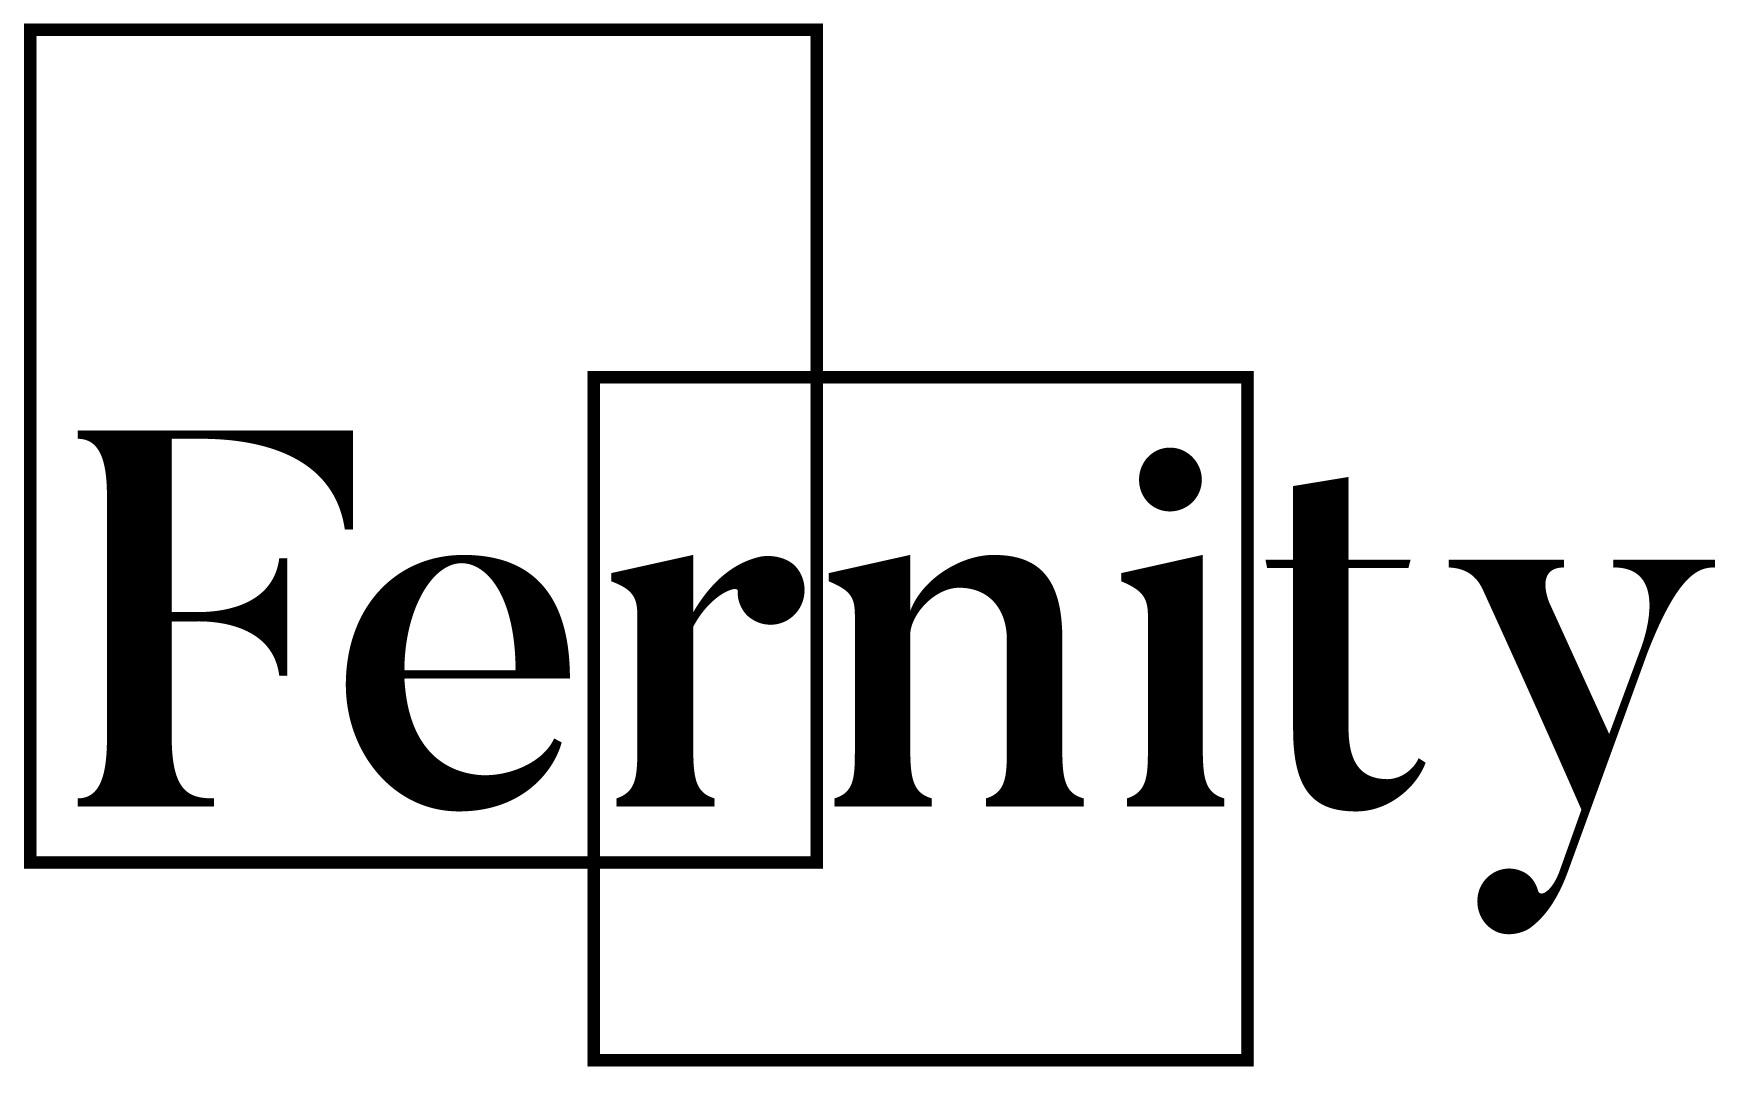 fernity